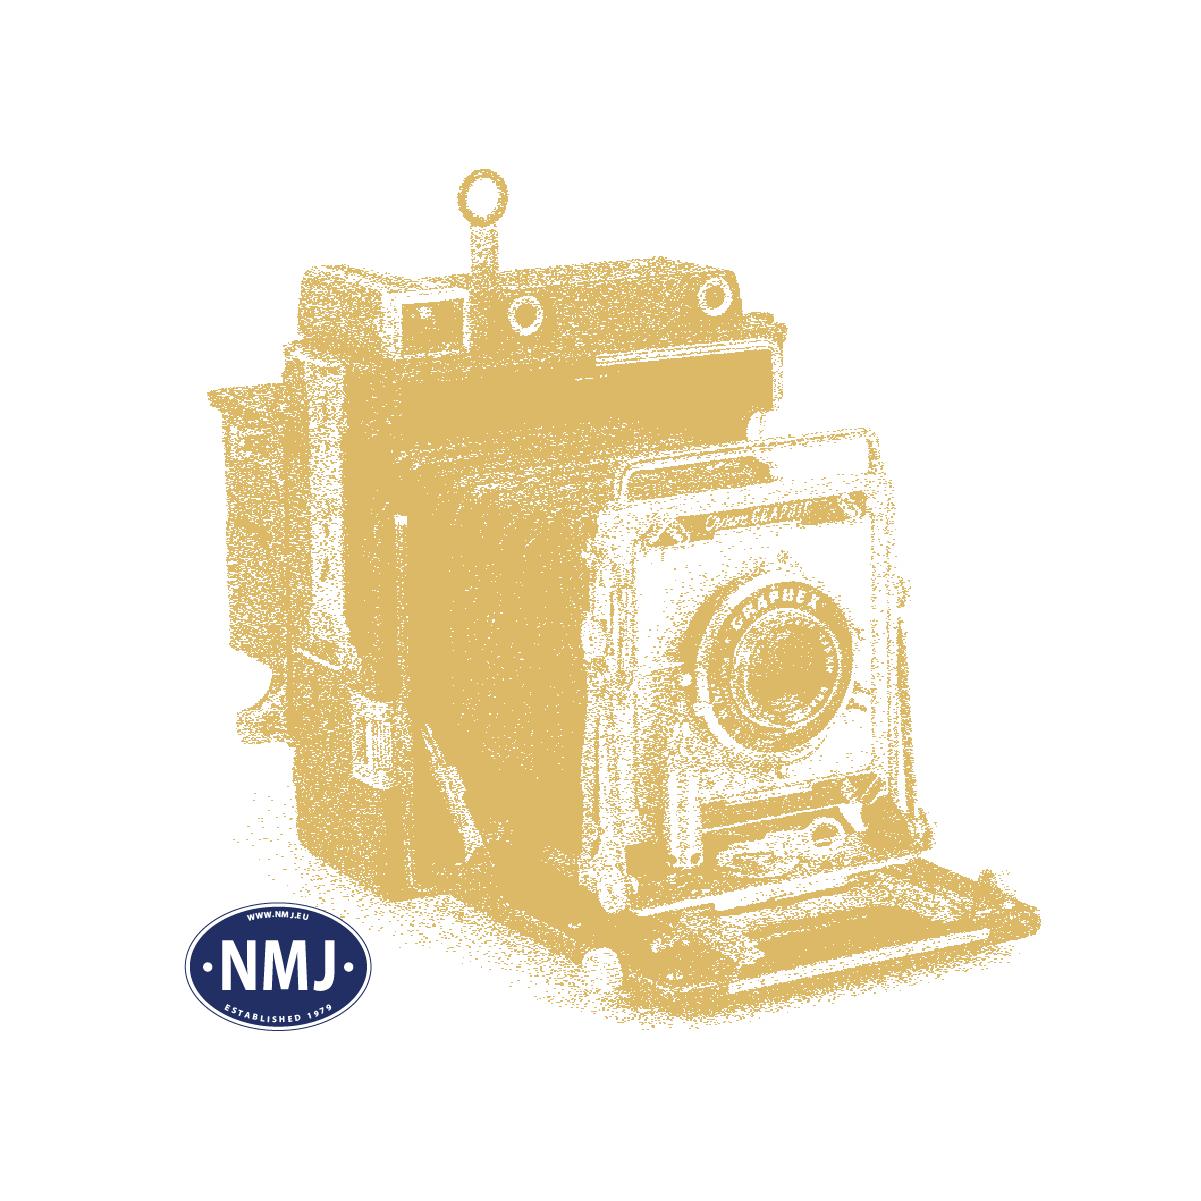 NOC15775 - Diverse Fugler og Reir